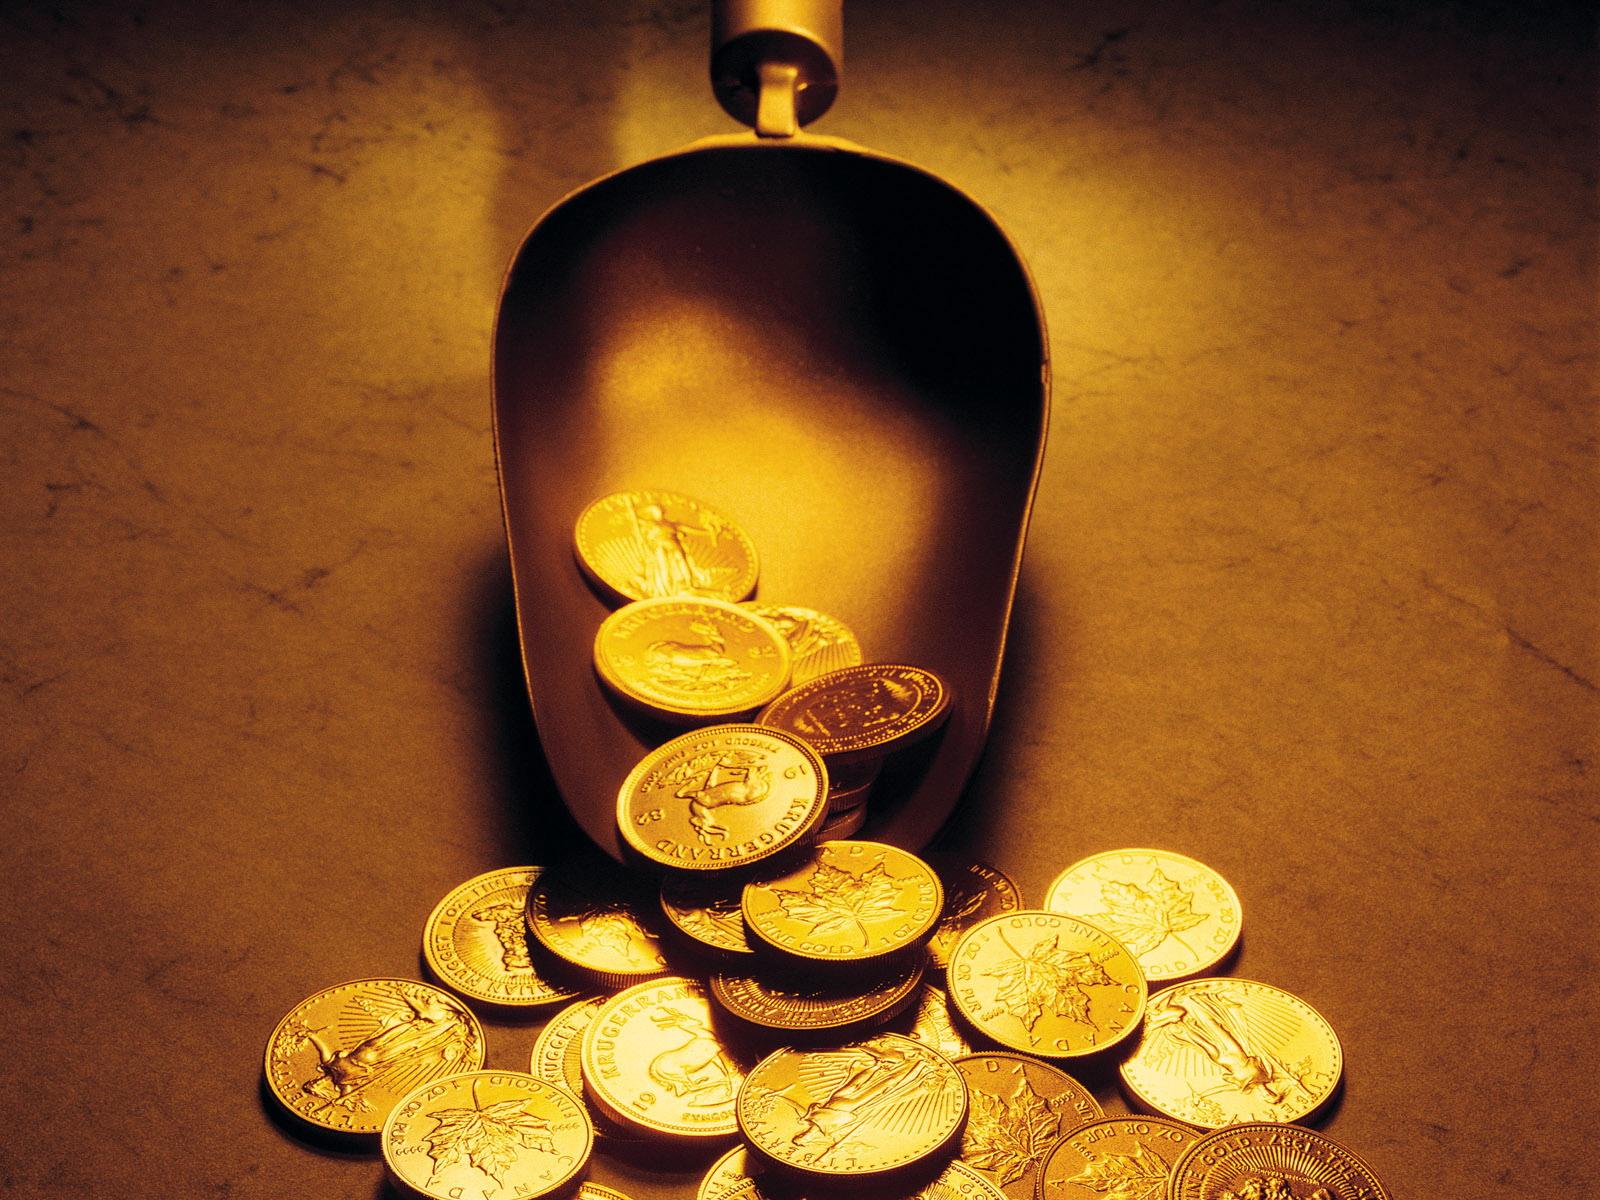 贵金属反弹接近尾声 多个信号暗示黄金大概率调整黄金黄金股贵金属